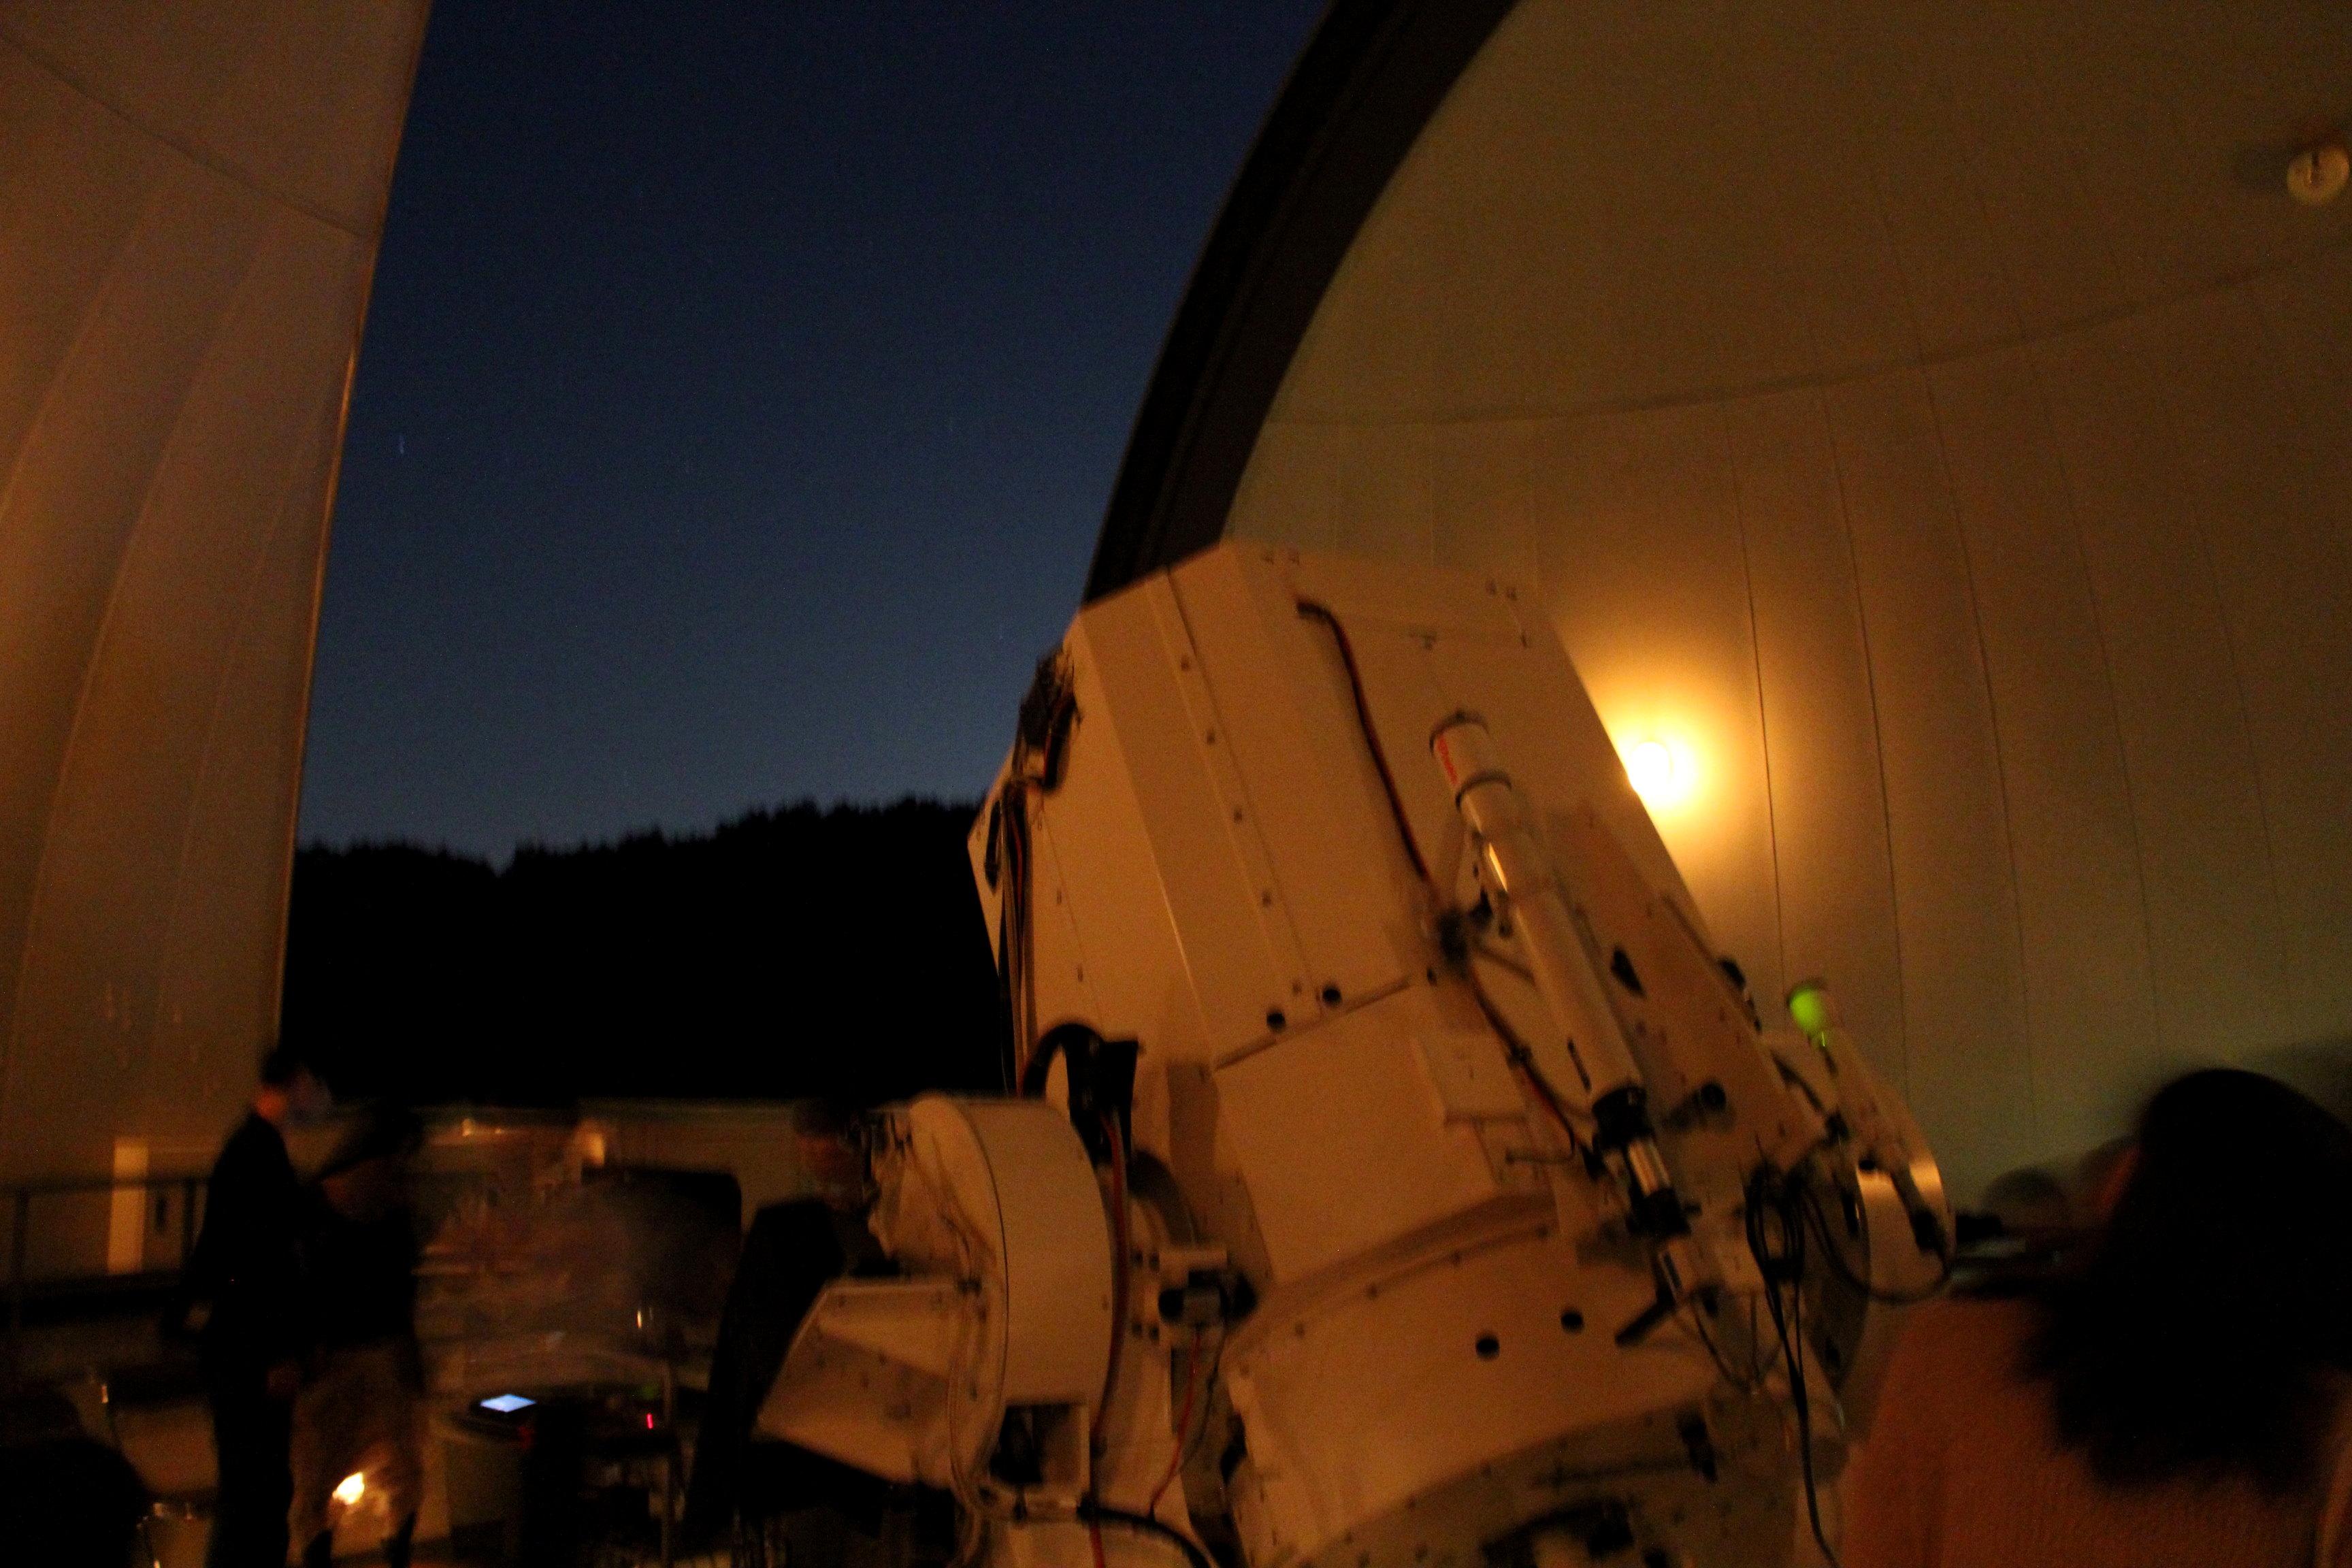 【富山市天文台】バズーカみたいな望遠鏡で星空を見に行ってきた